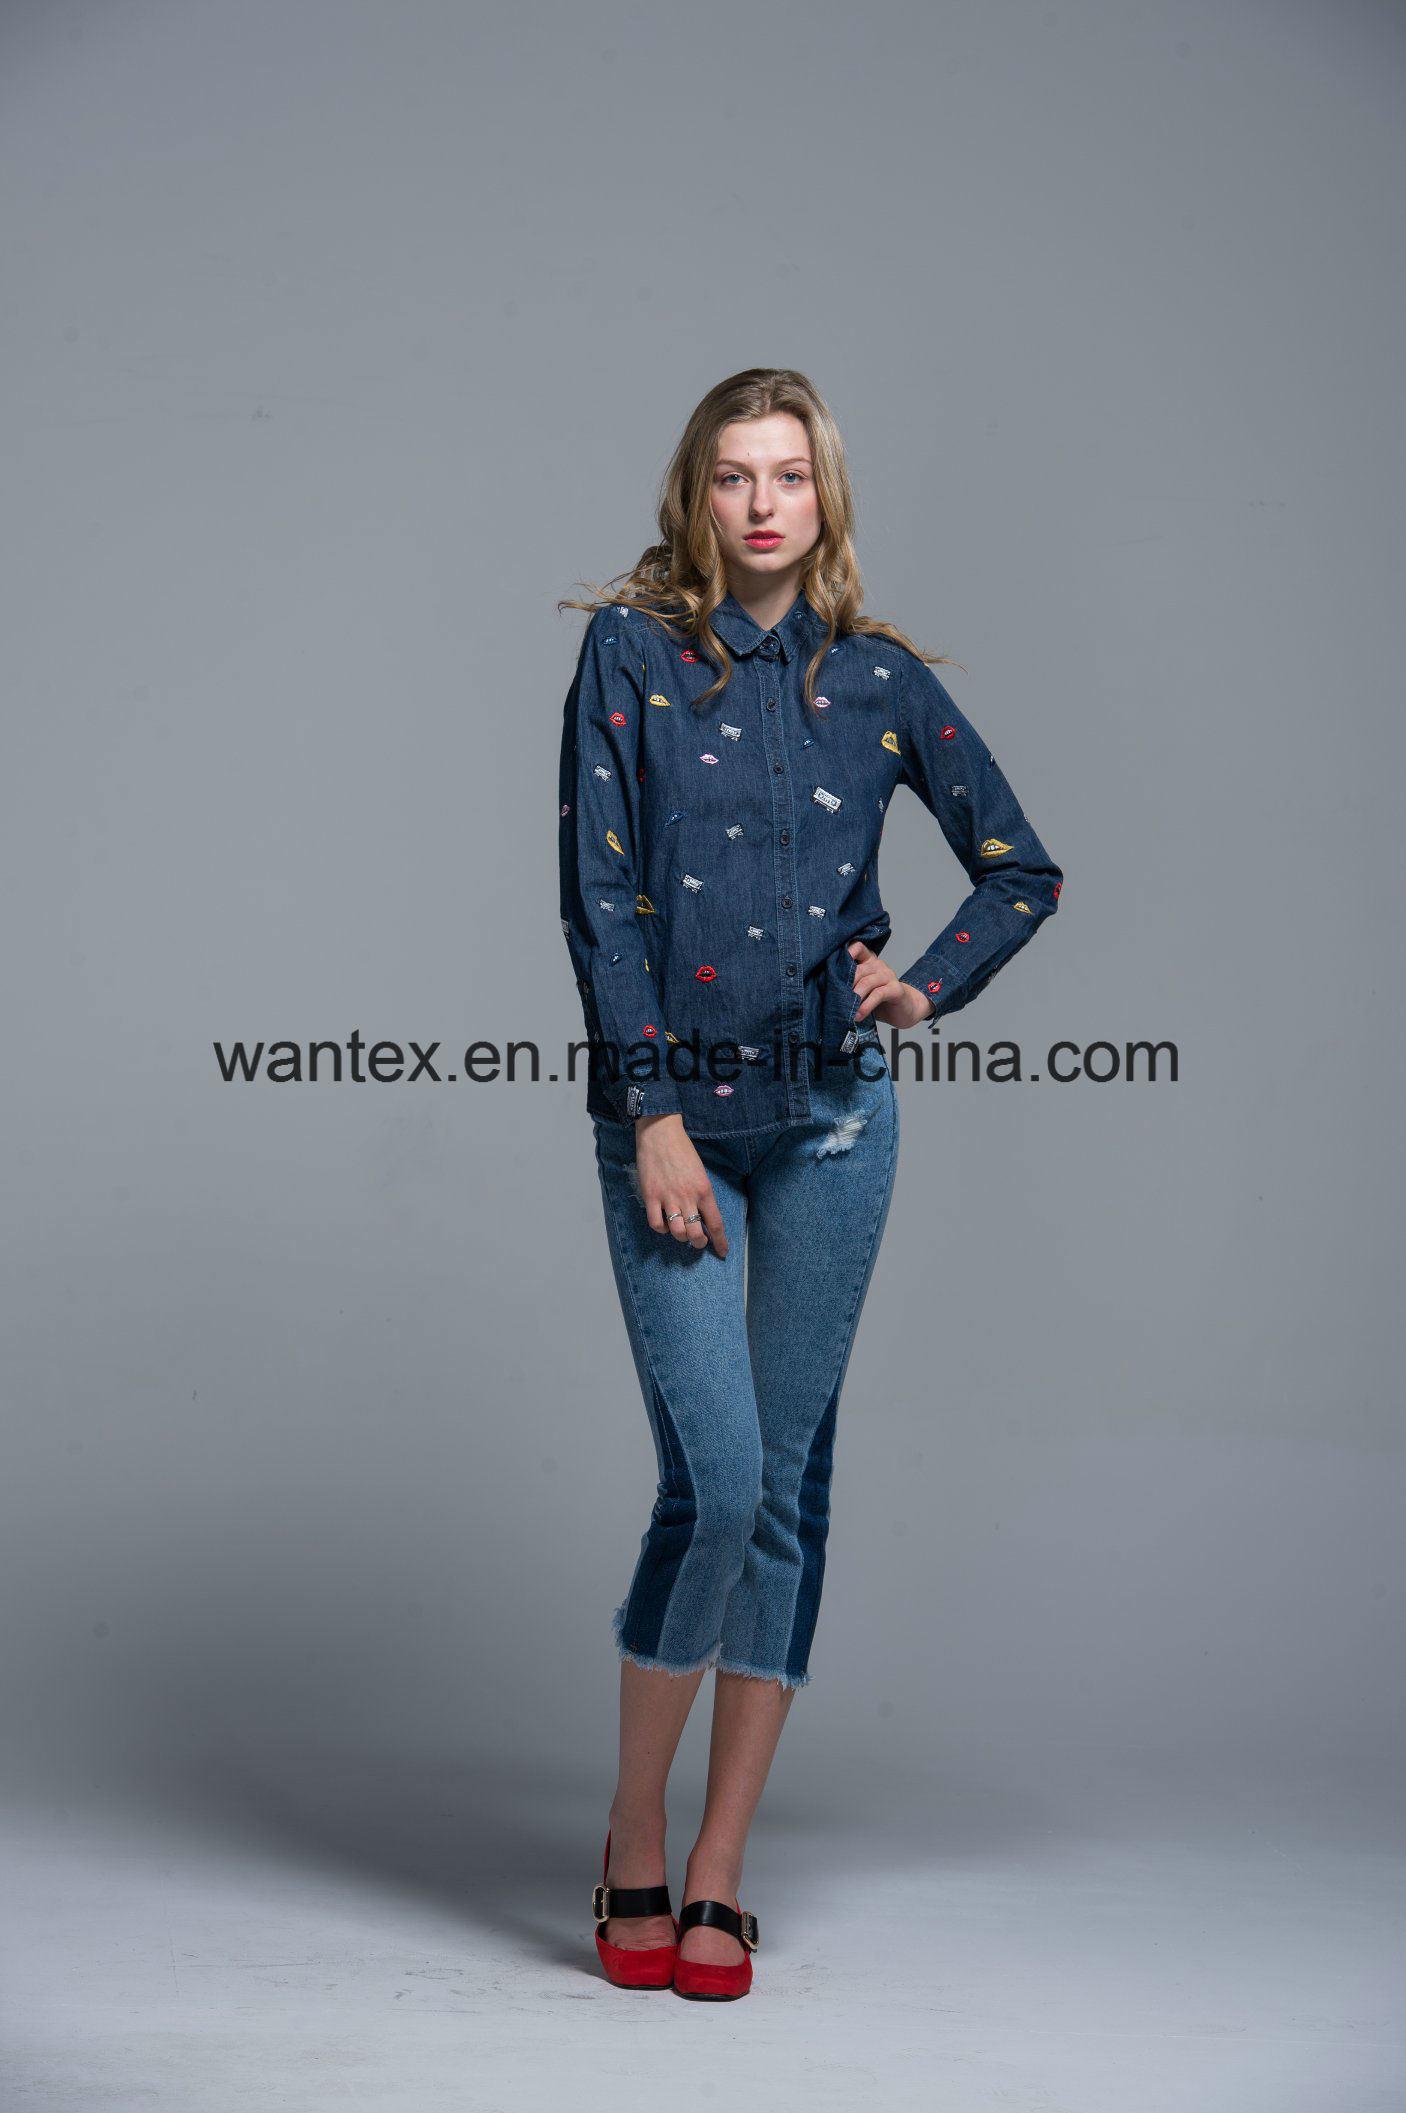 Ladies Blouse 100% Cotton Fashion Shirt Fashion Top Autumn Spring Jean